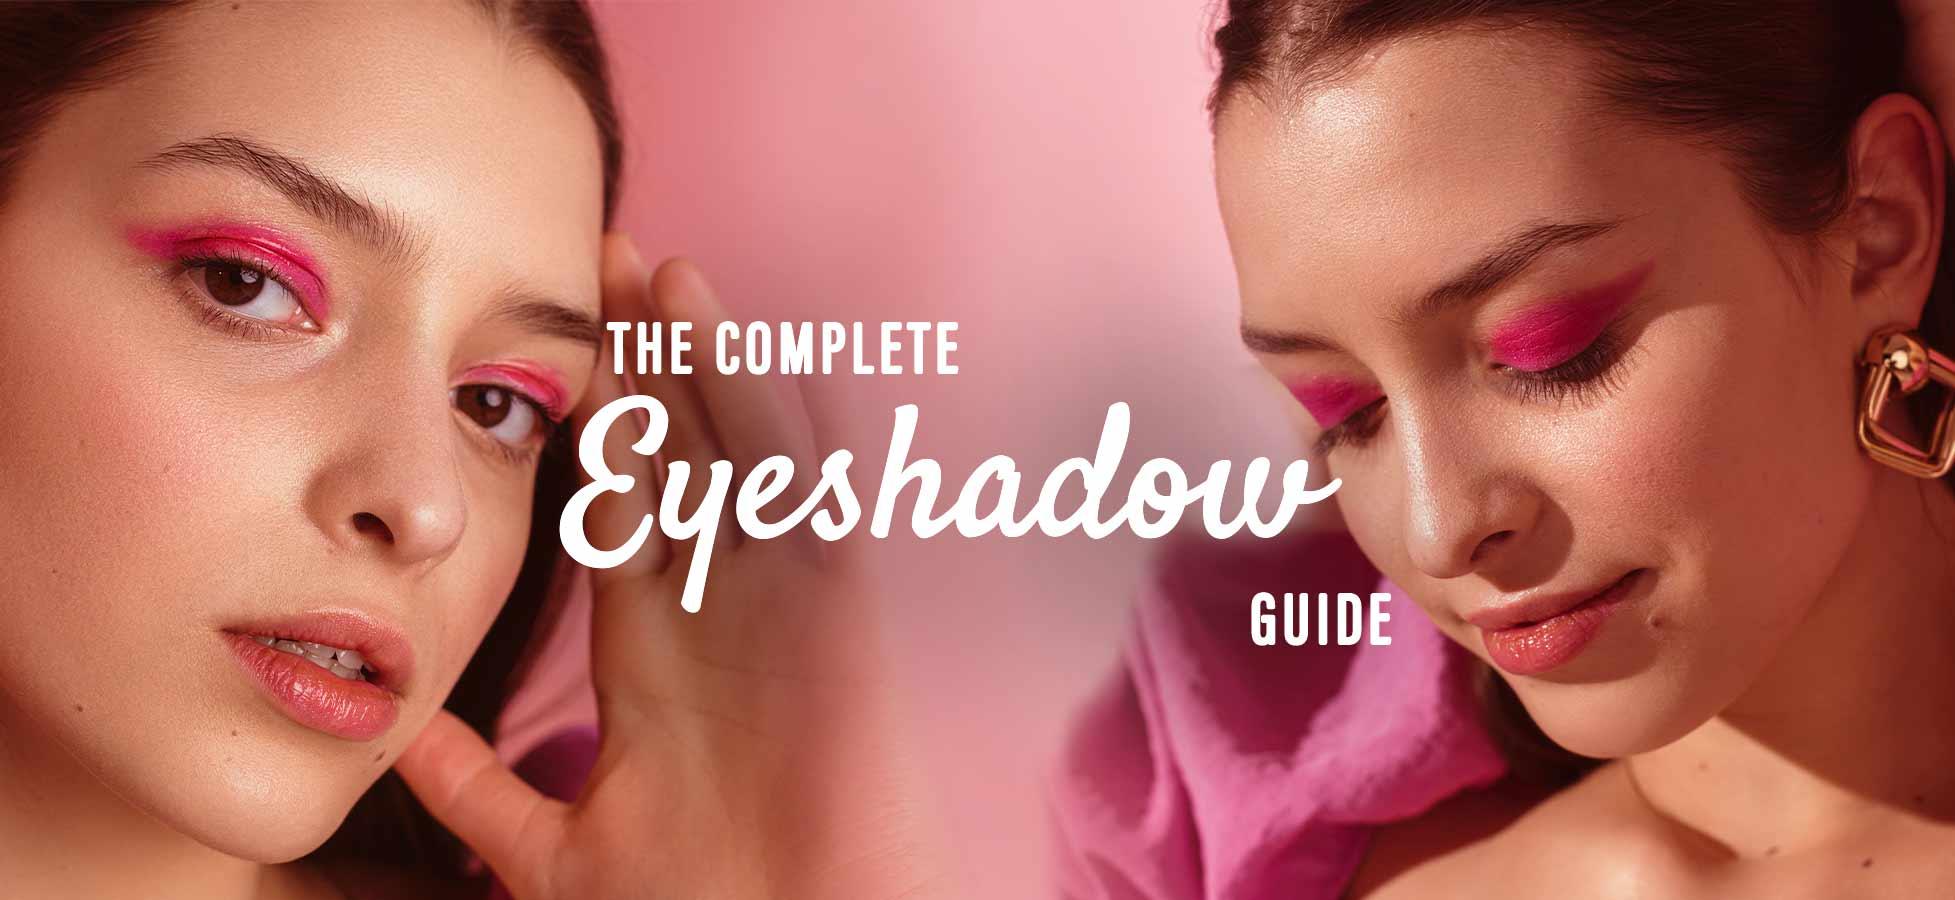 Glam Up The Gaze — Eyeshadows for Trending Looks